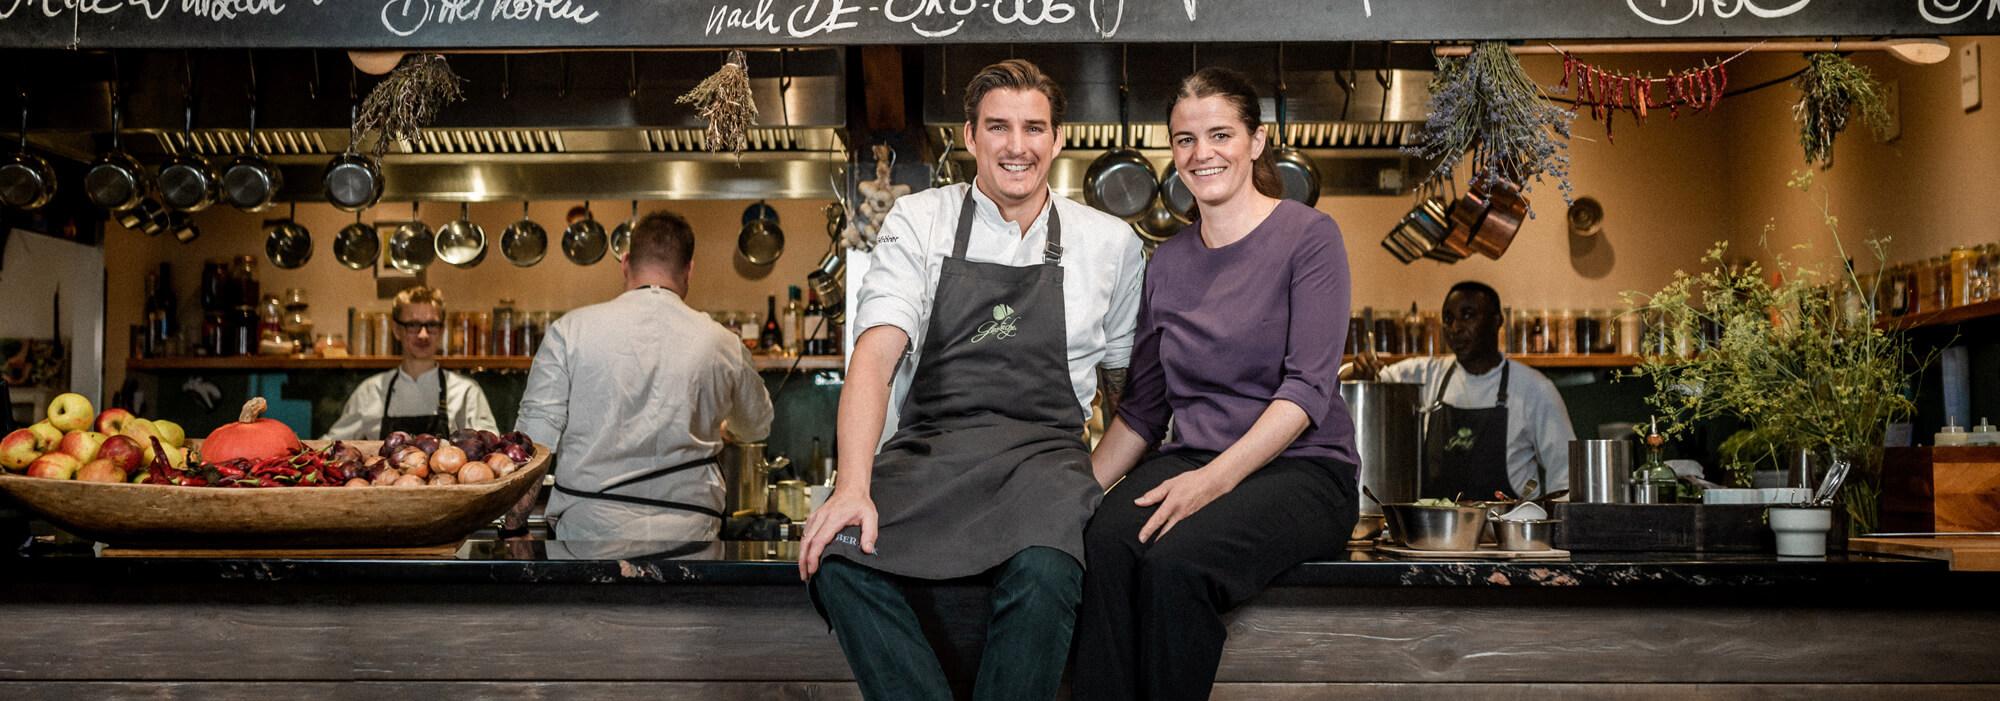 Matthias und Rebecca Gfrörer vom Bio-Restaurant Gutsküche sitzen auf dem Küchentresen.